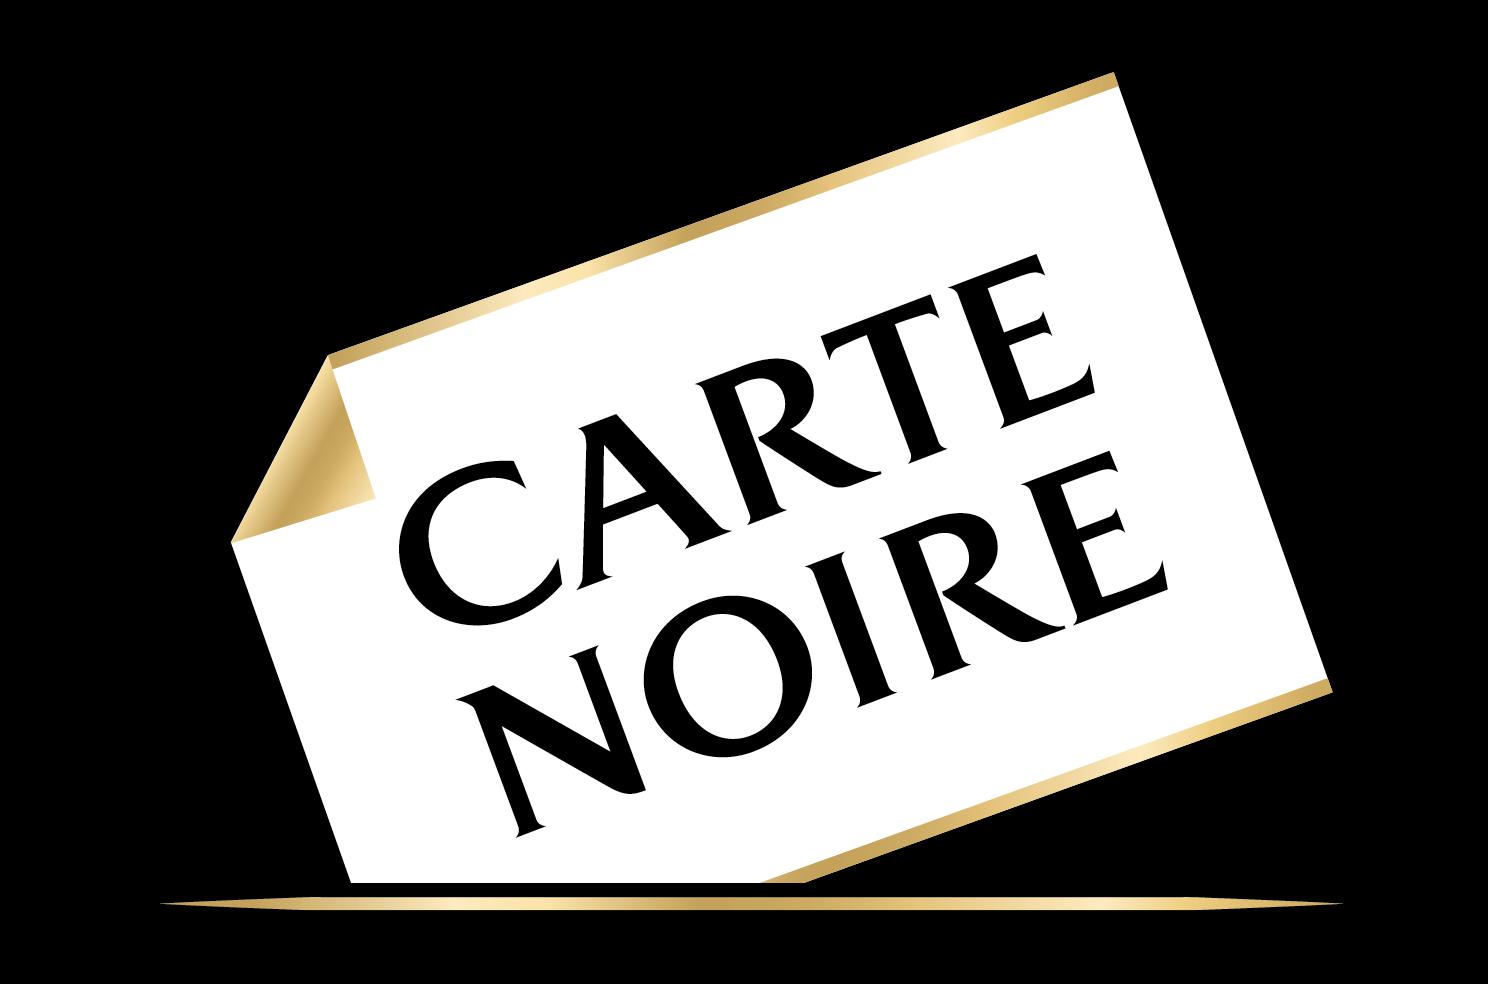 Logo Carte Noire 2017 rectangle